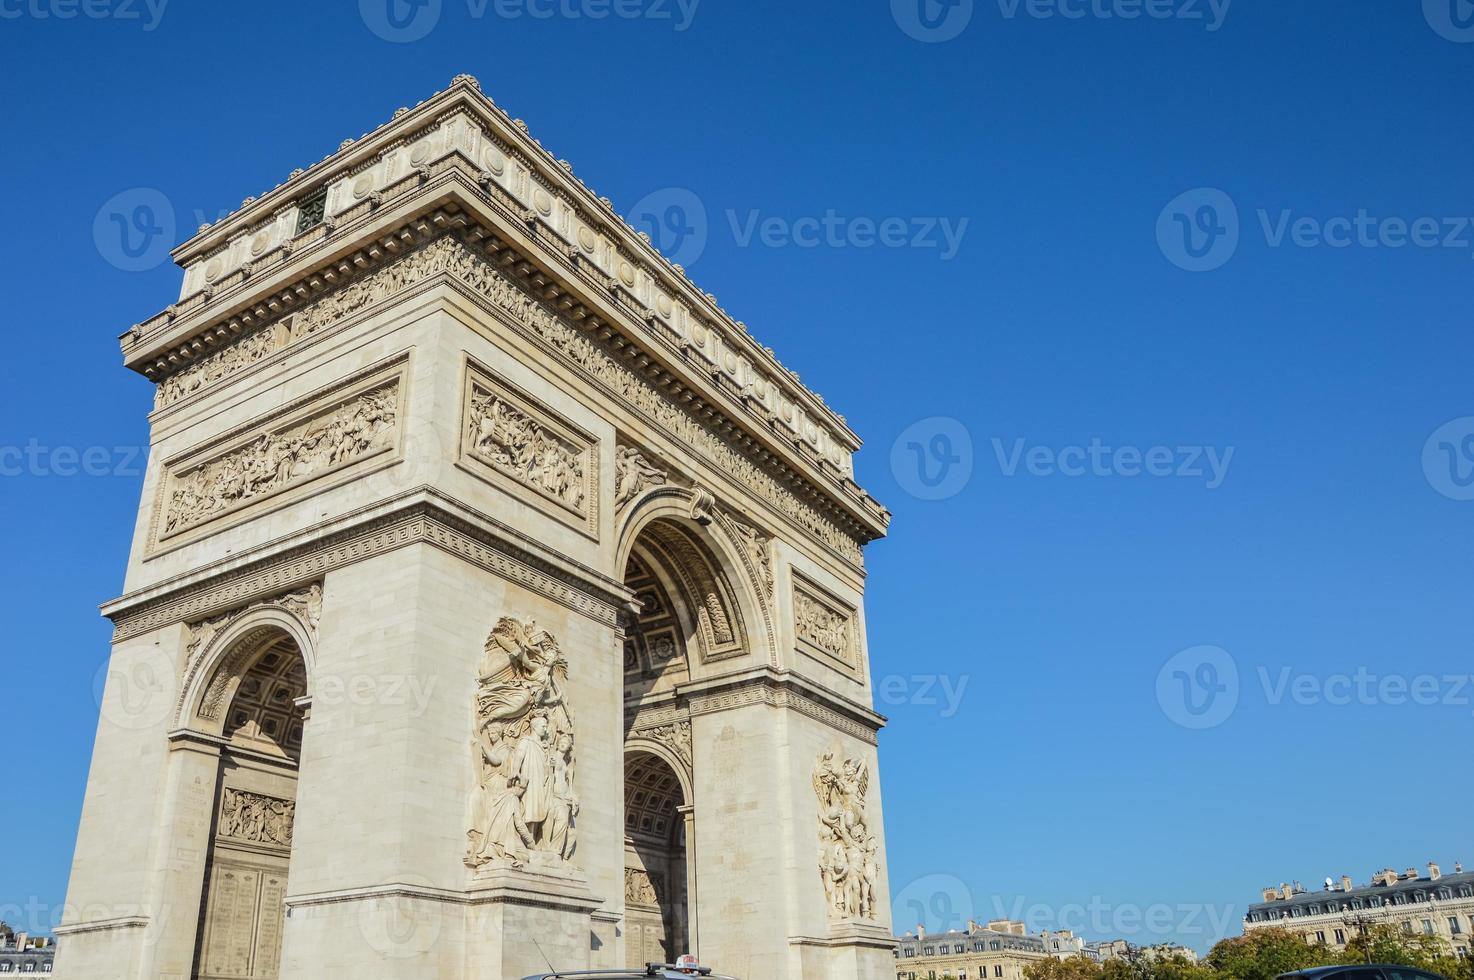 arc de triomphe monument i Paris foto